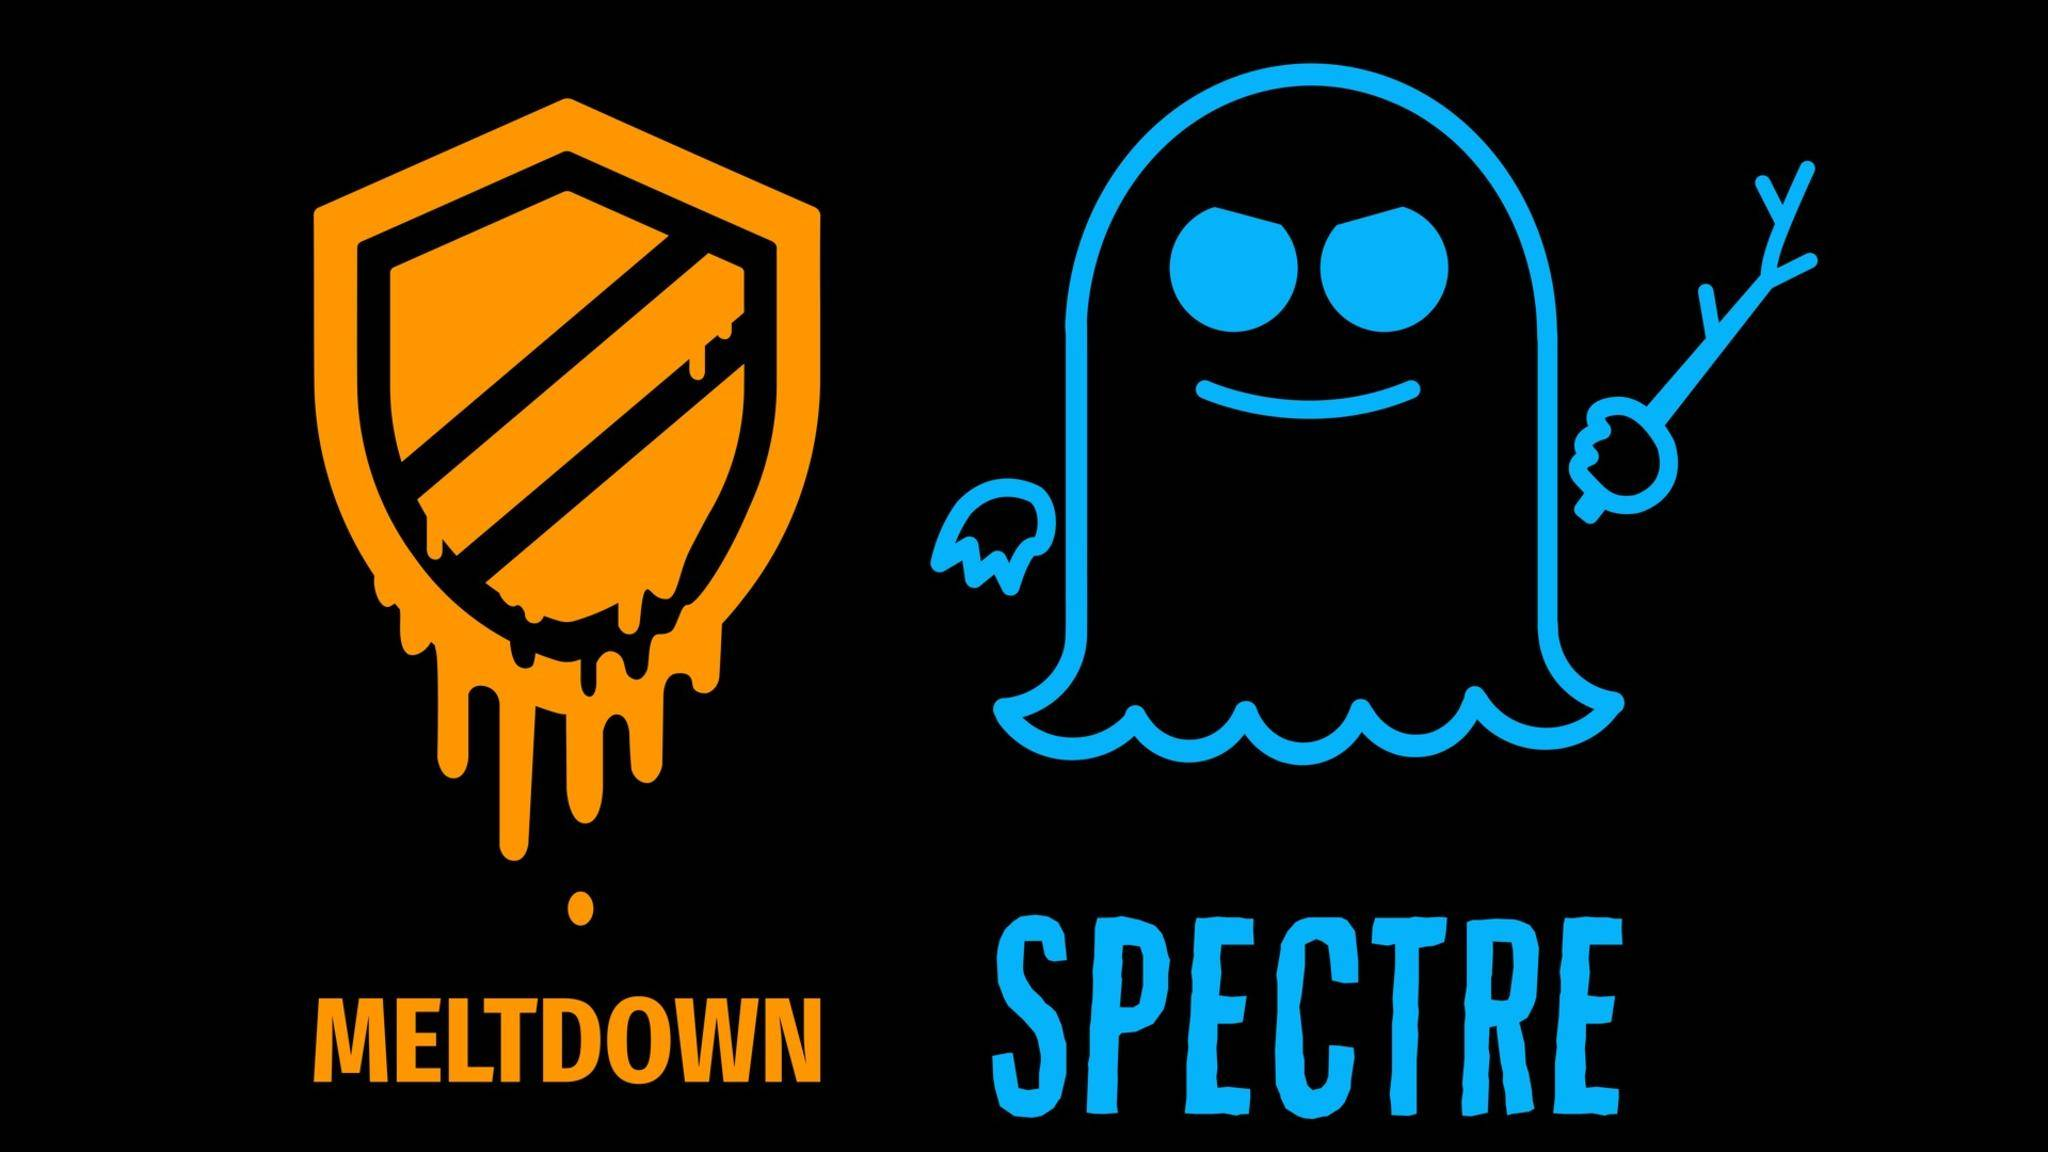 Meltdown und Spectre sind um eine Variante reicher.